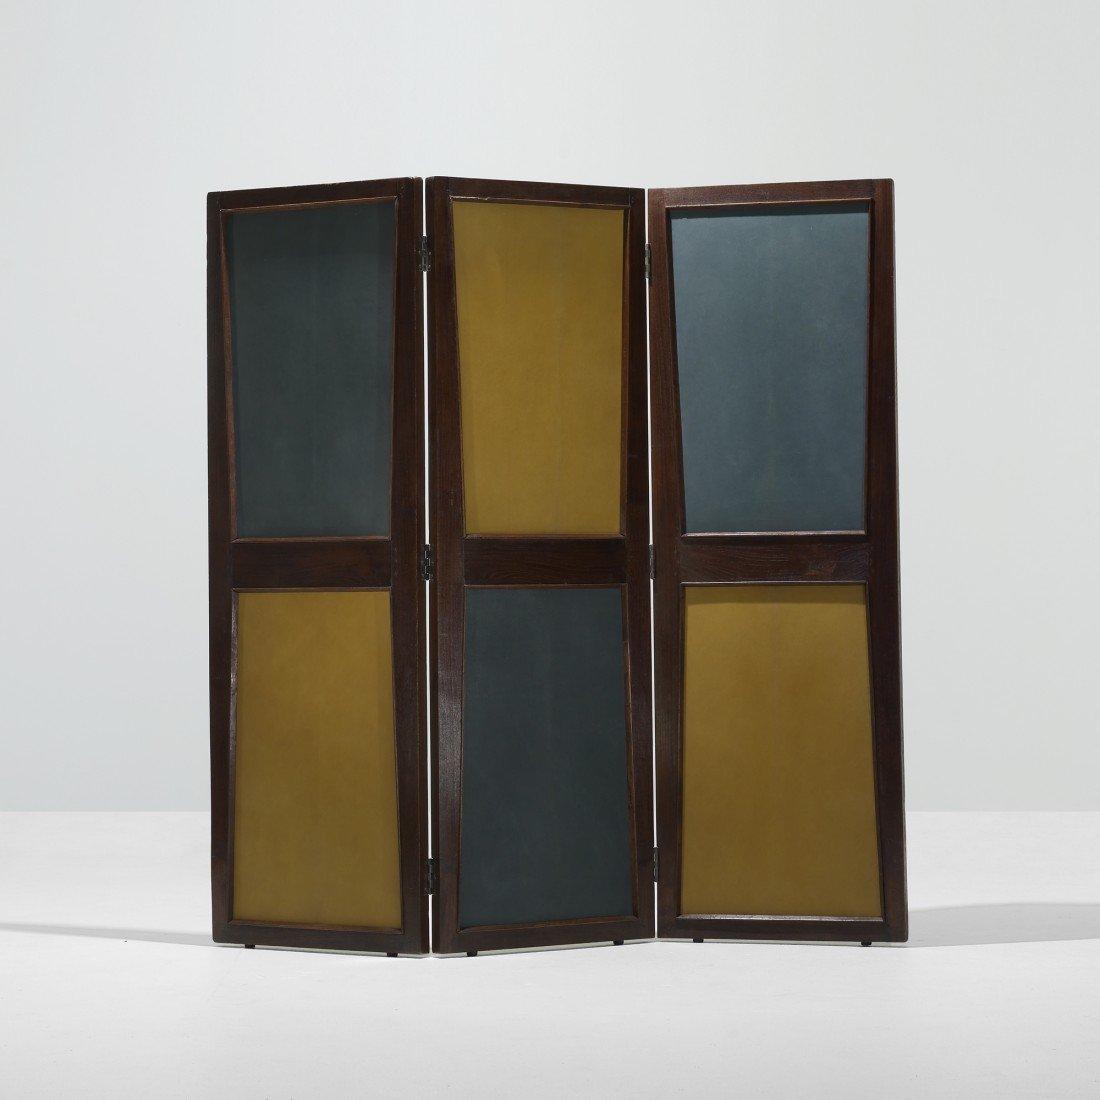 125: Pierre Jeanneret folding screen